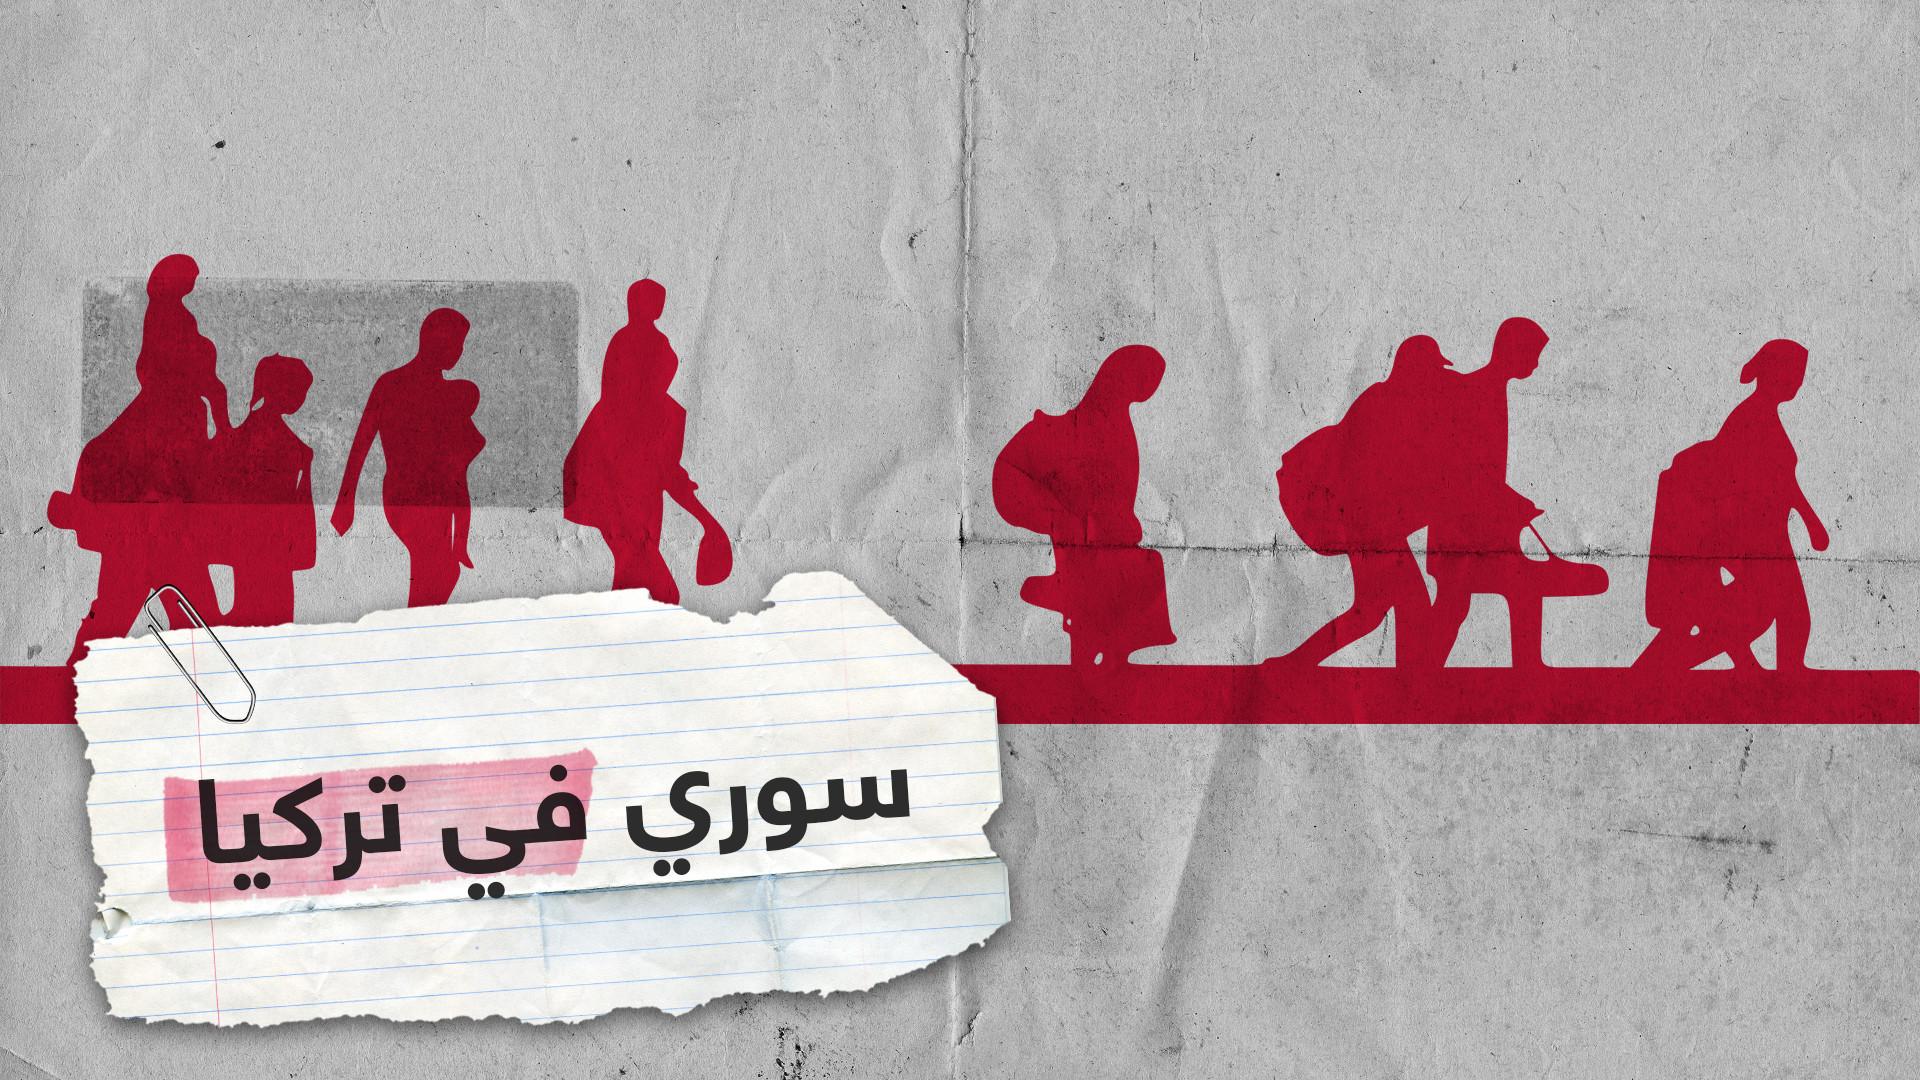 سوري مهدد بالترحيل من اسطنبول يروي مأساته لـRT Online